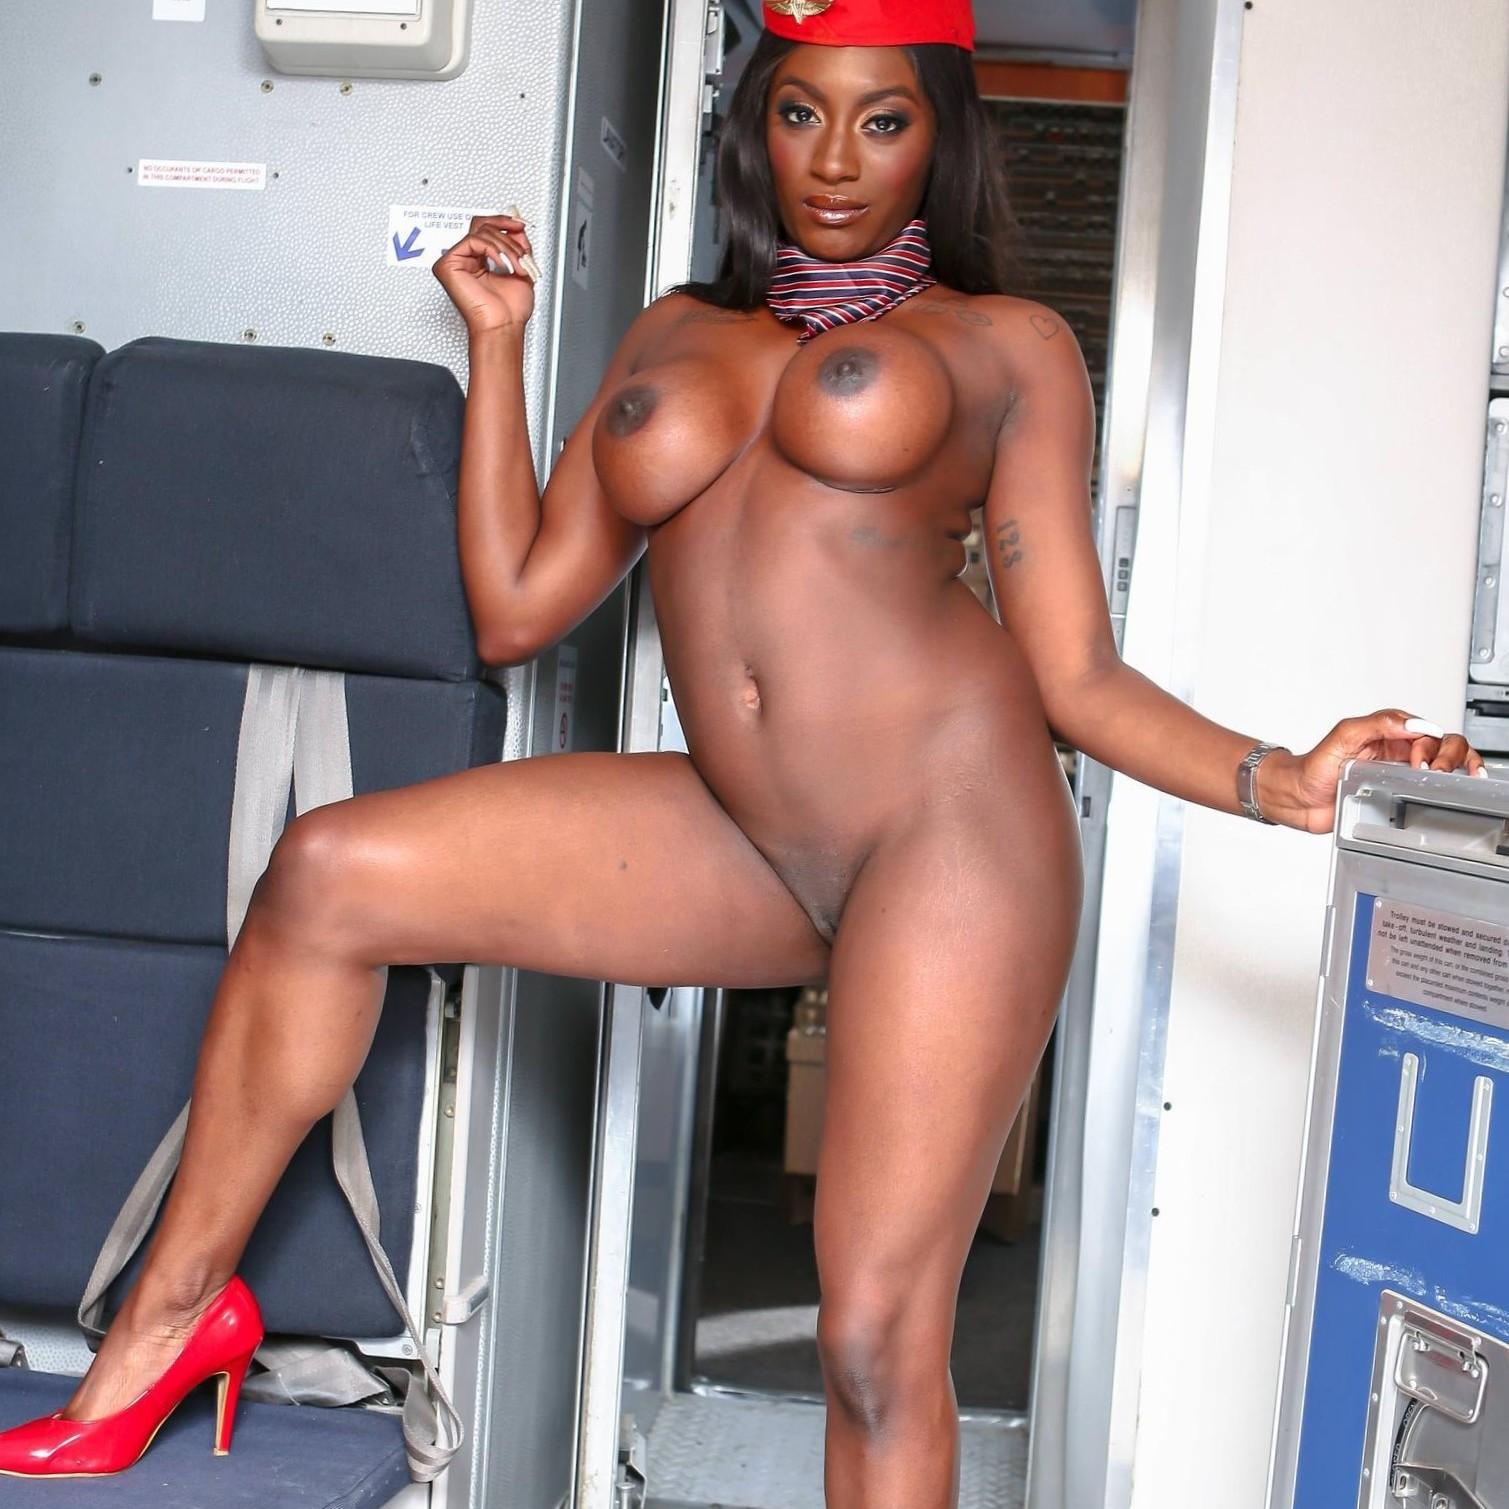 Jai James-la azafata muestra su conchita negra en el avión